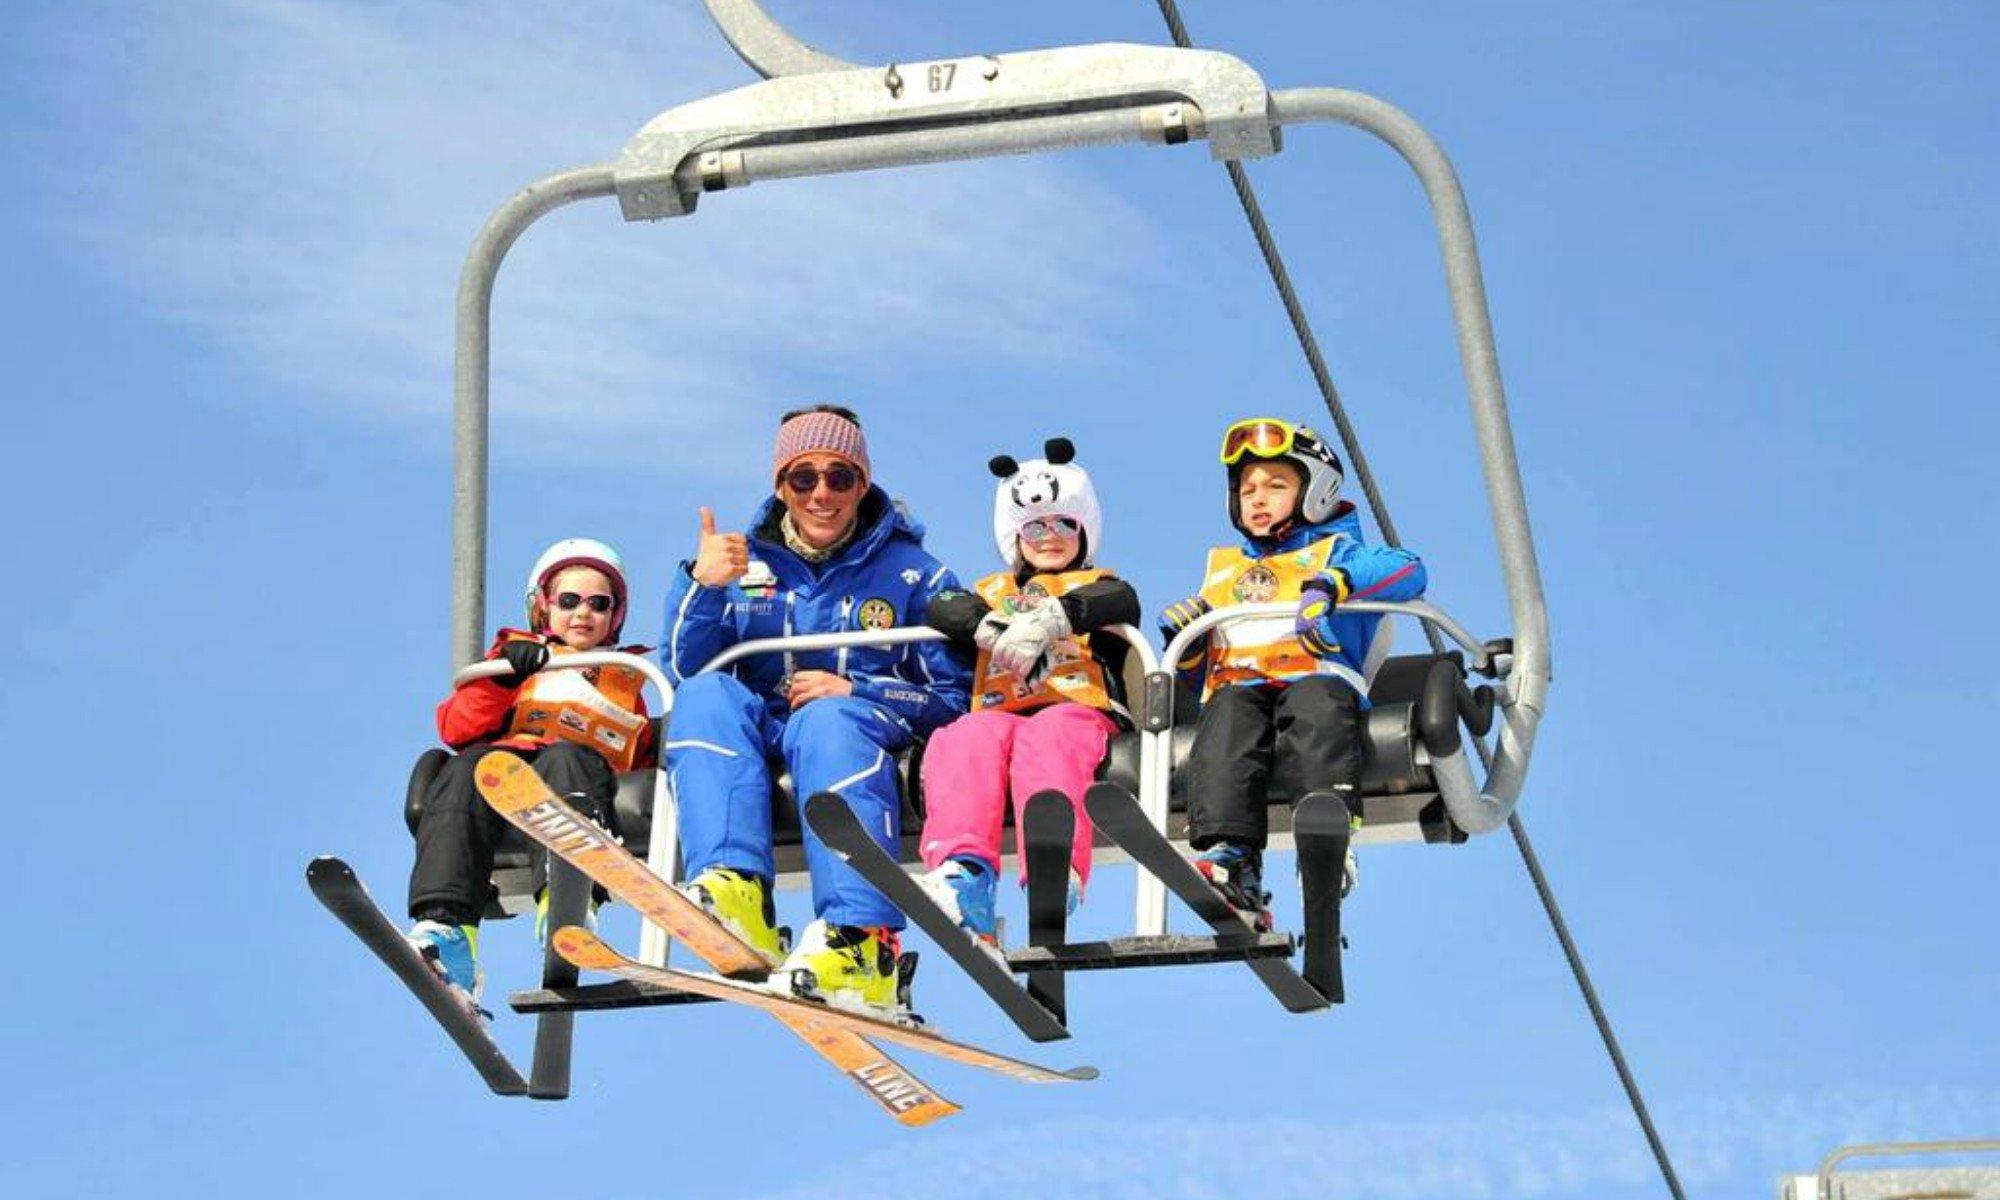 Un maestro di sci con 3 piccoli sciatori sorridono verso l'obiettivo mentre sono sulla seggiovia.